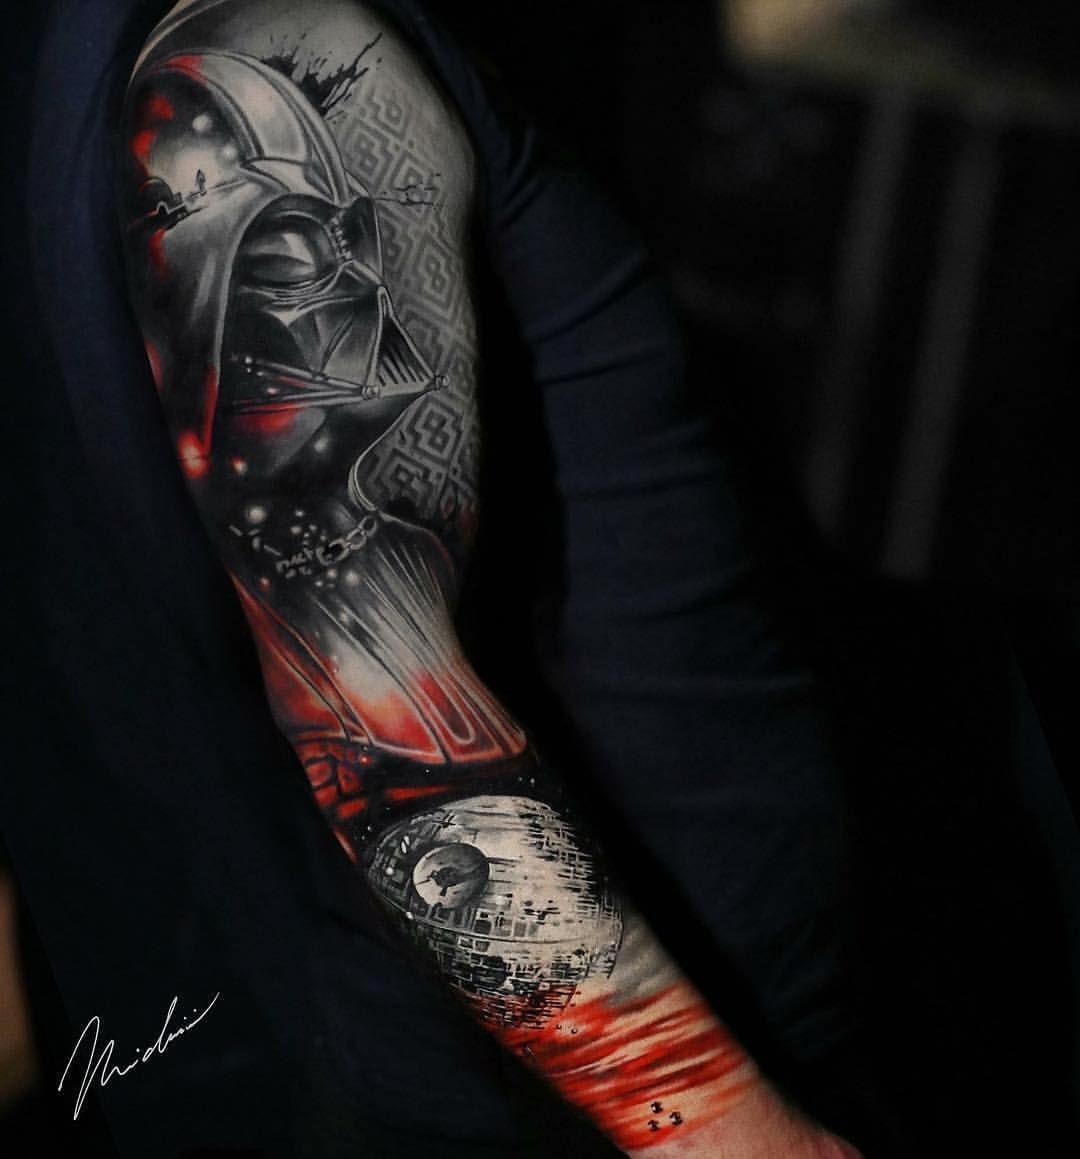 By Cloutiermichael Best Tattoo Tattooartist Tattooist